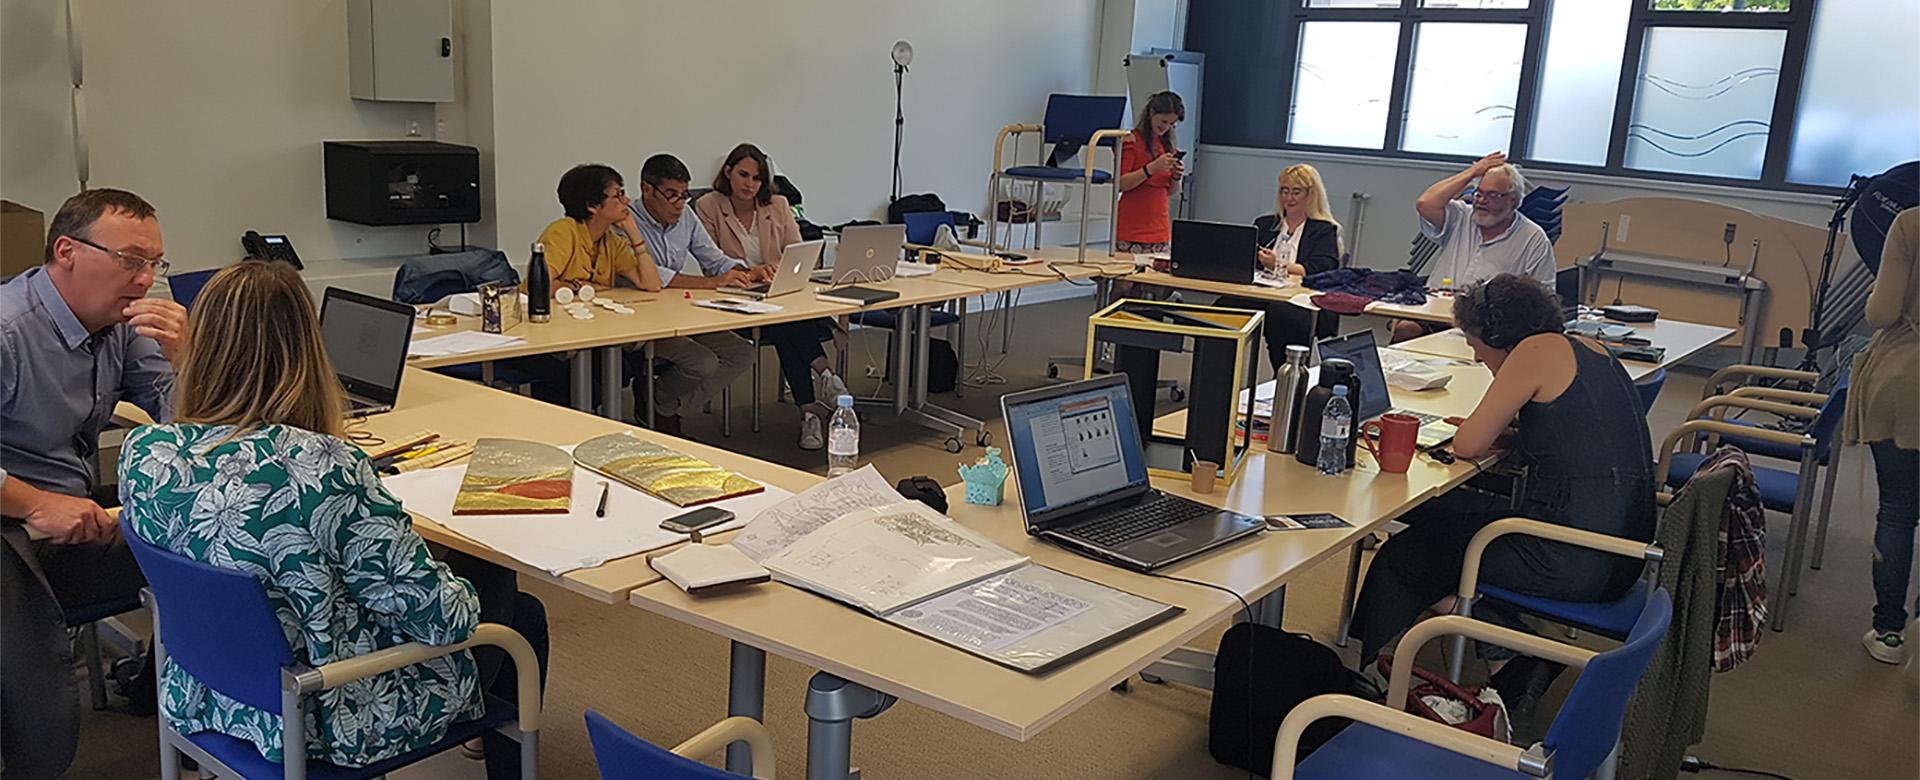 Une Nouvelle Session De Formation « L'atelier Design Et serapportantà Chambre Des Metiers De L Eure